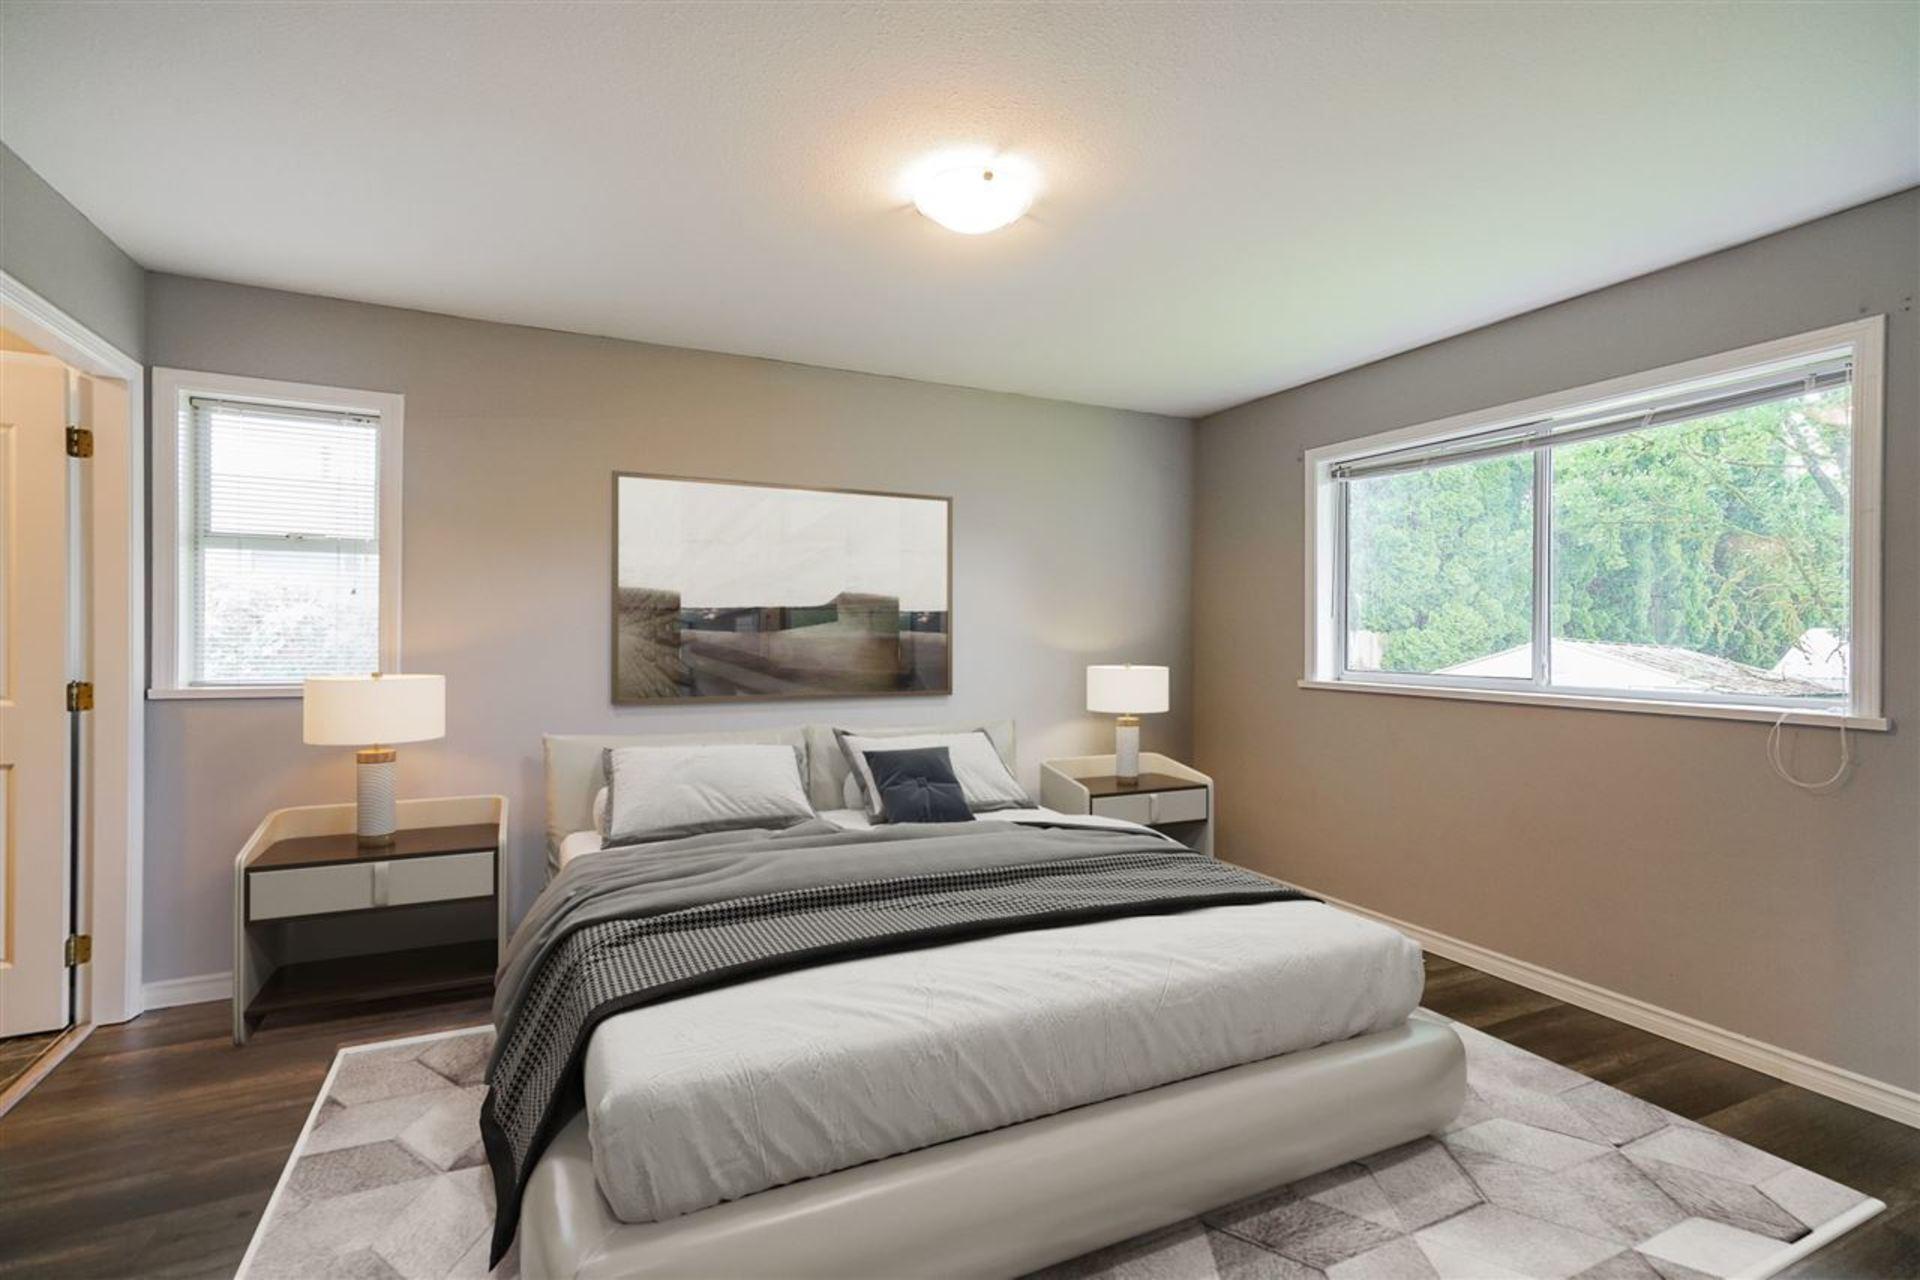 22110-122-avenue-west-central-maple-ridge-12 of 22110 122 Avenue, West Central, Maple Ridge